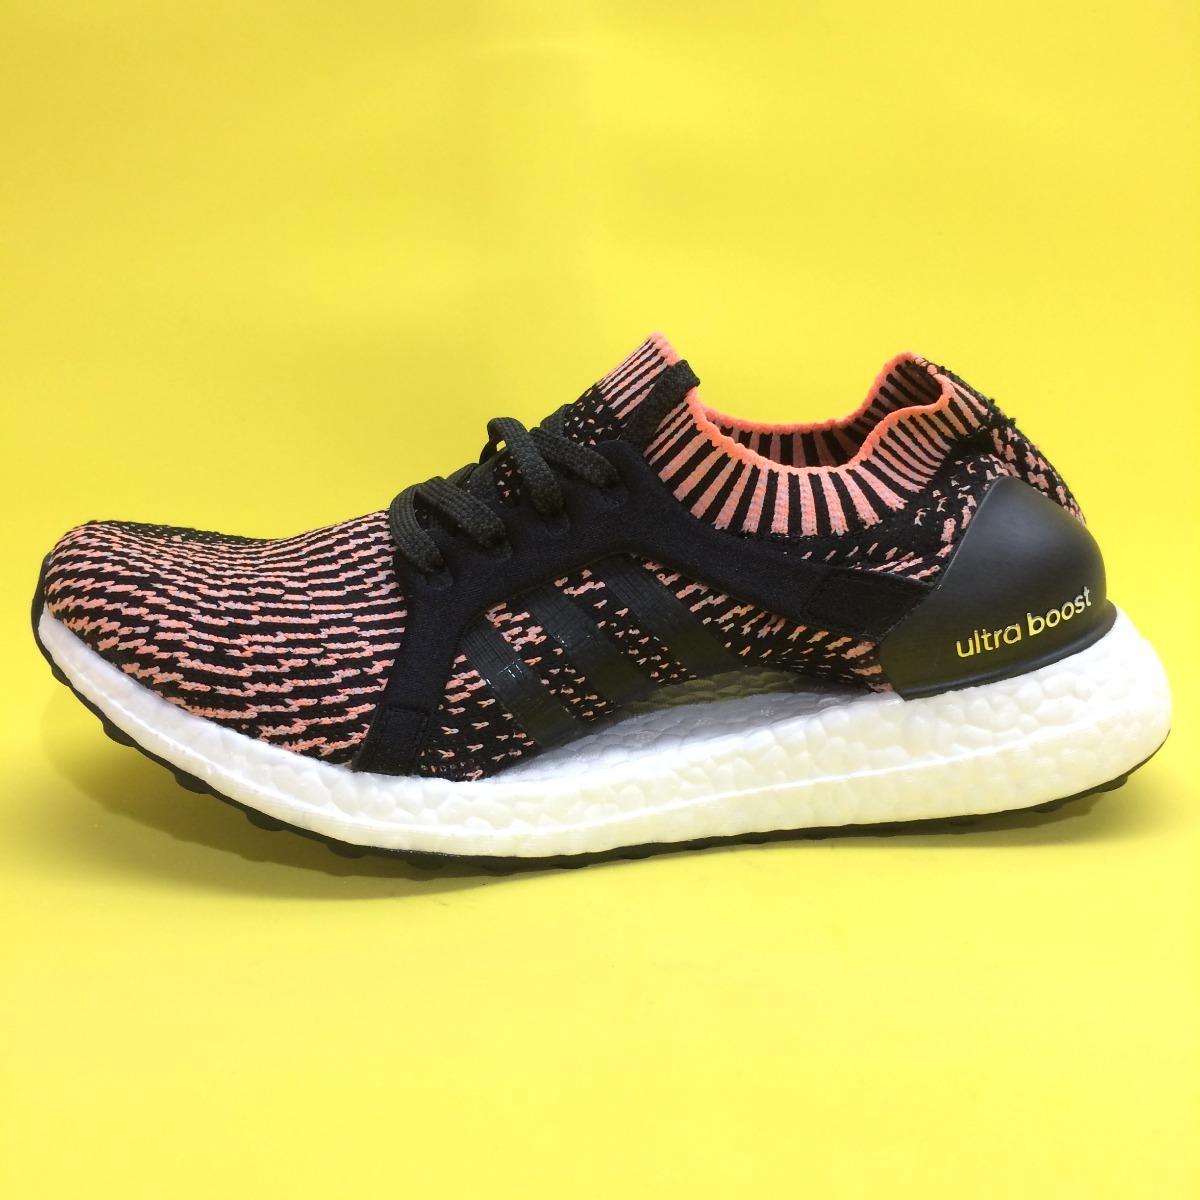 a273335bf2074 zapatos adidas originales ultraboost x - damas - ba8278. Cargando zoom.